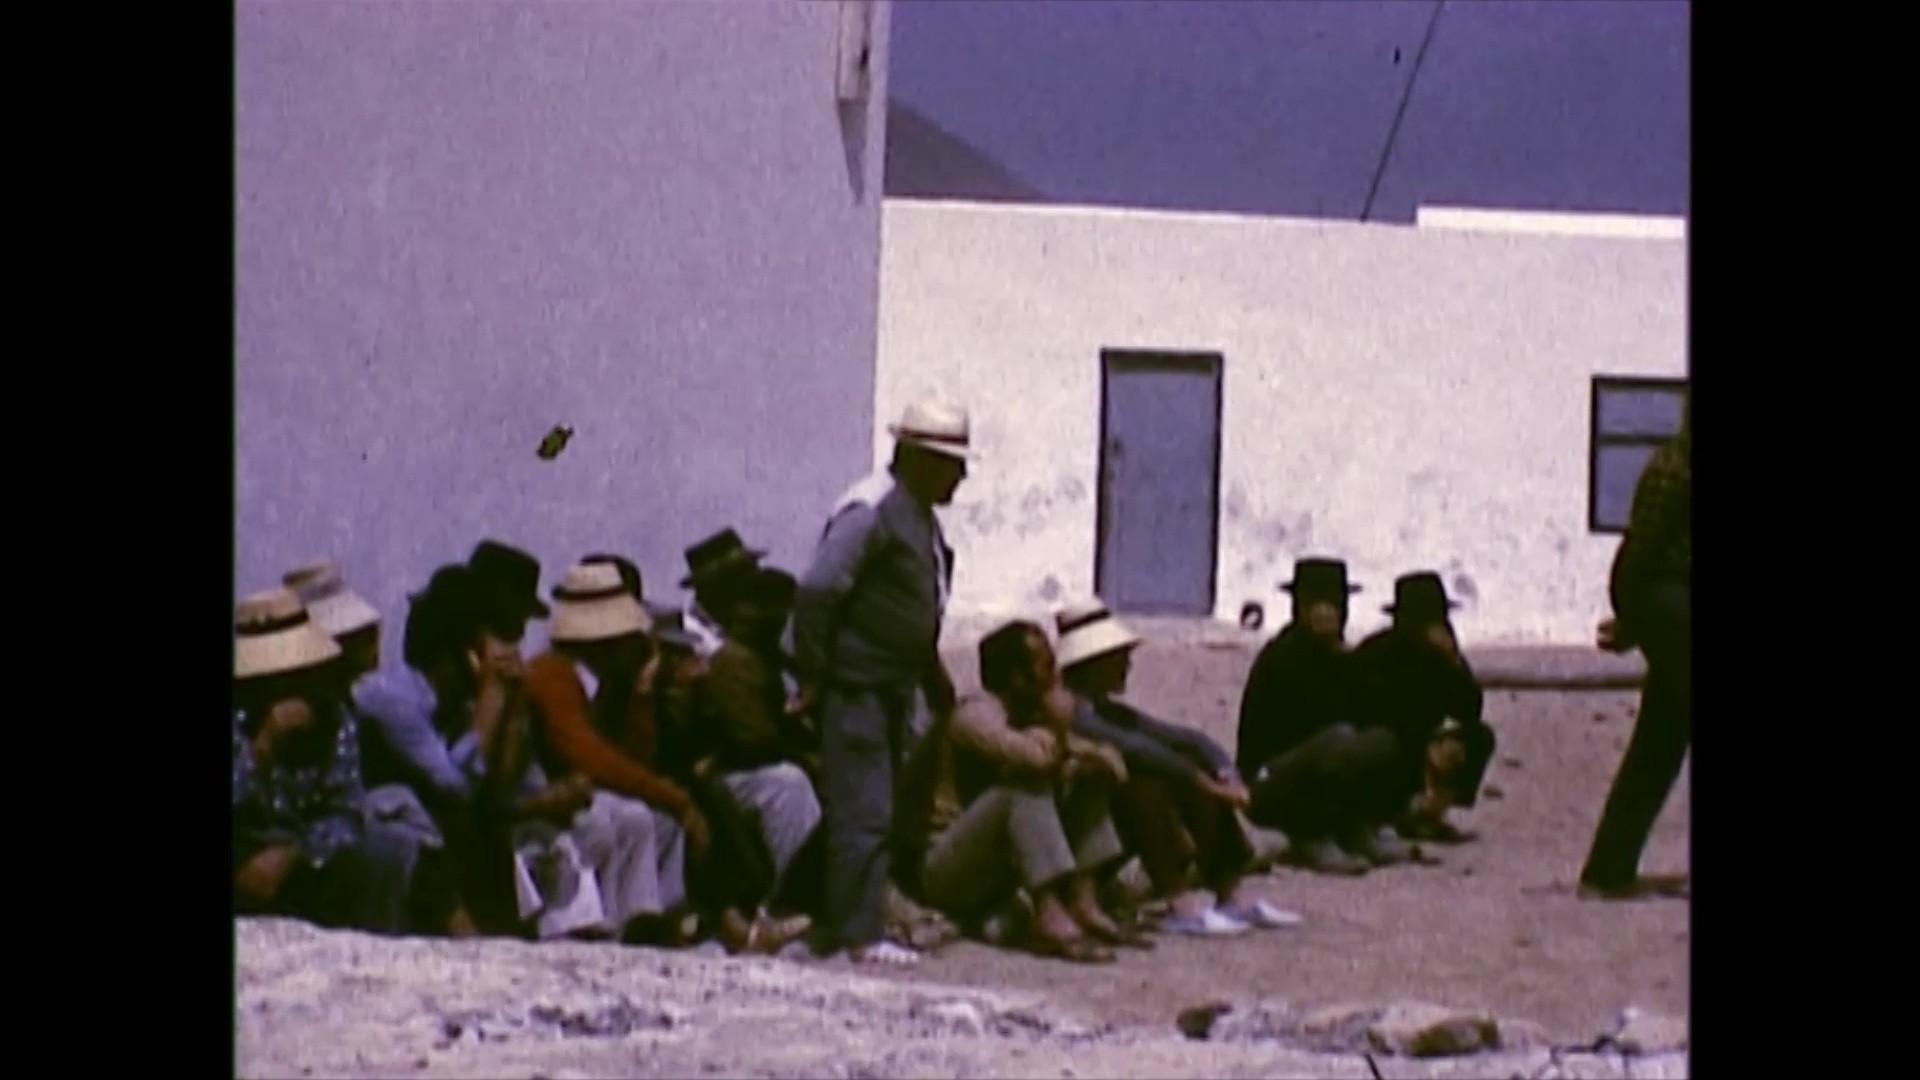 La Graciosa (c. 1970)